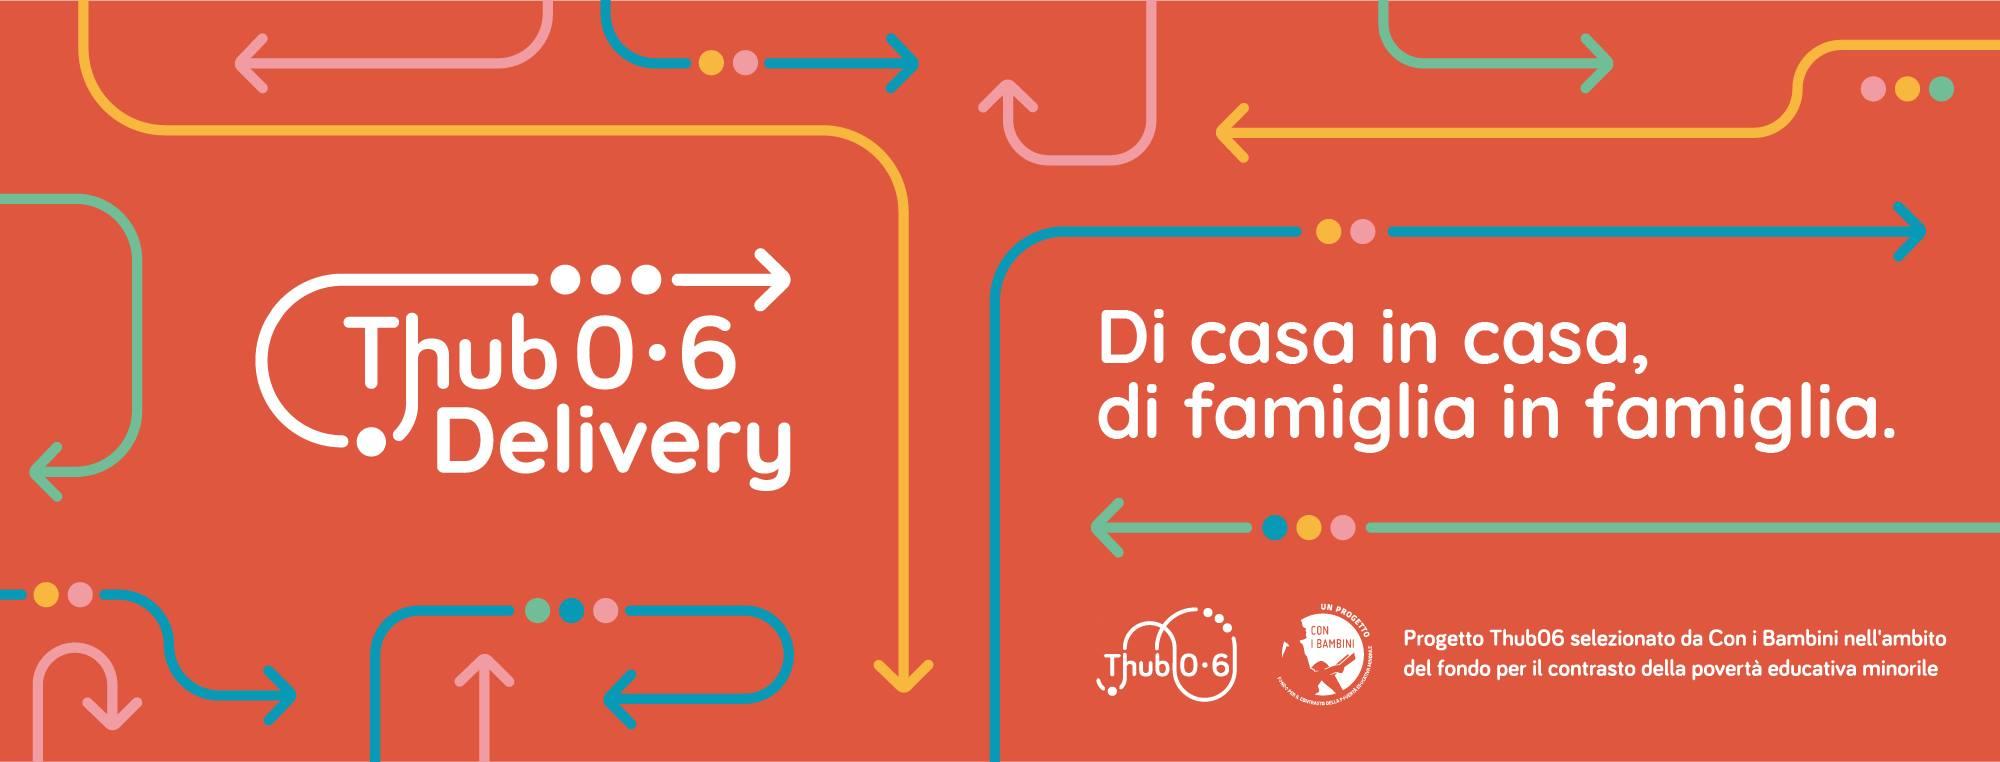 Sportello di orientamento per famiglie con bambini 0-6 anni  Thub06 Delivery